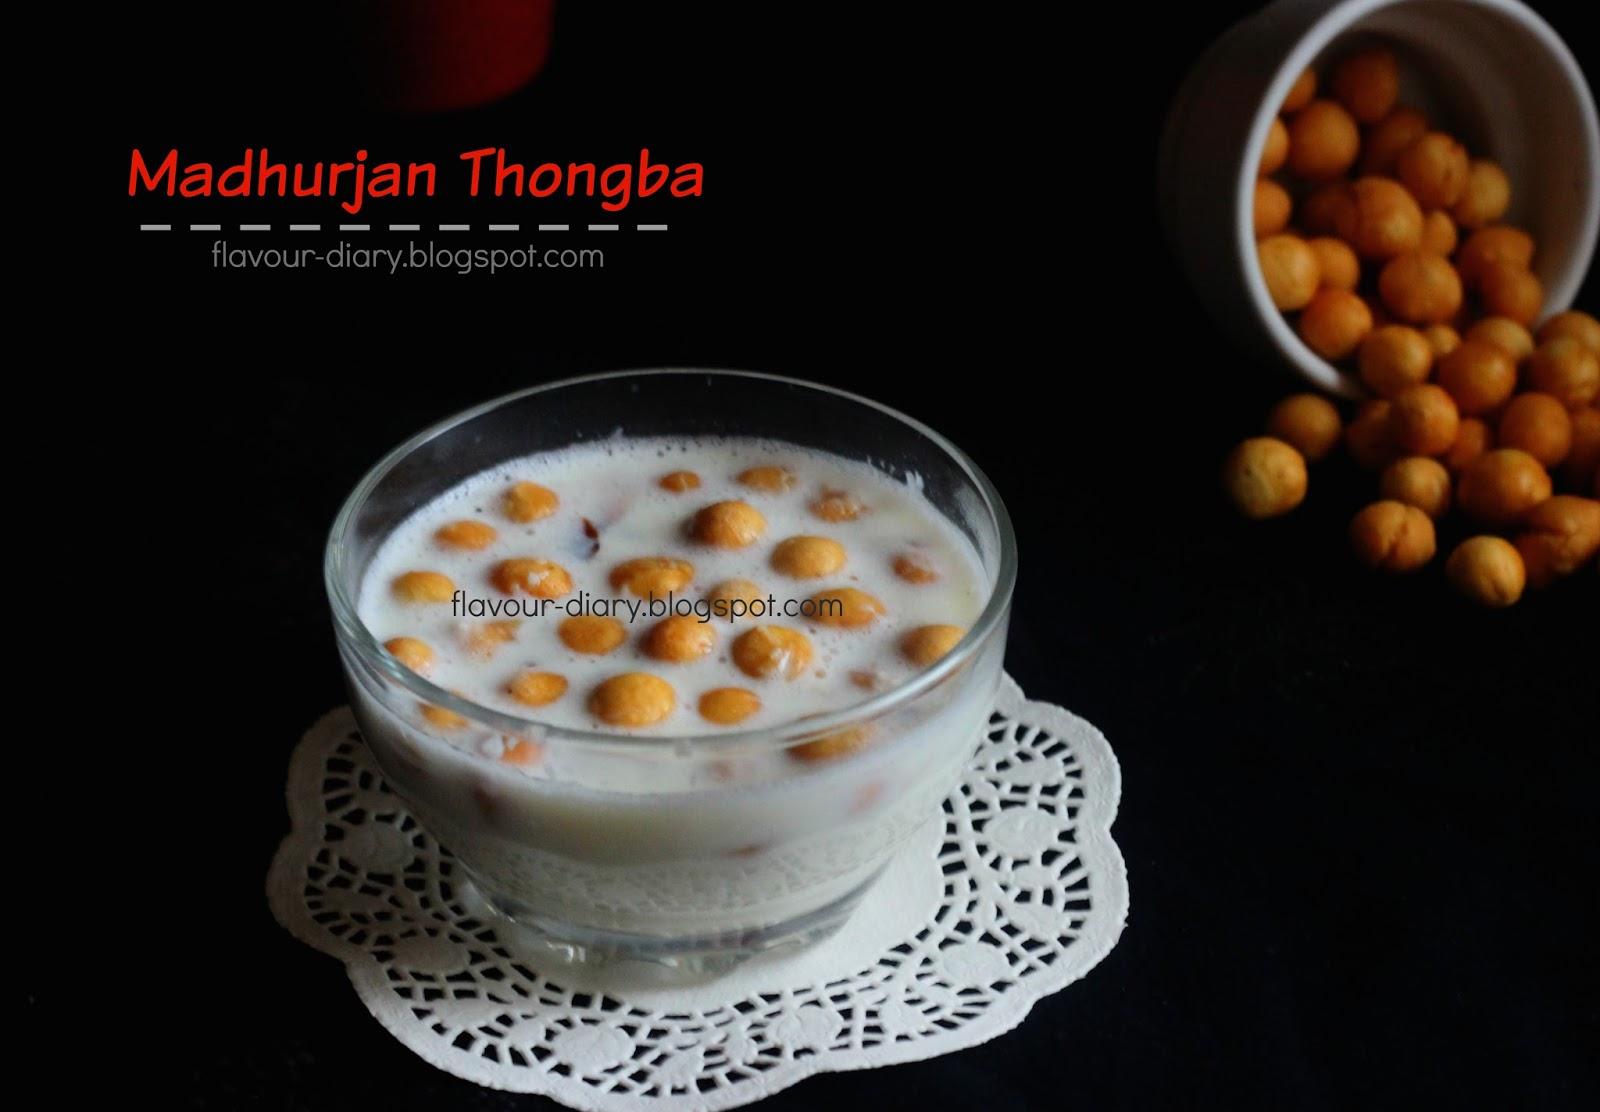 Image result for Madhurjan Thongba